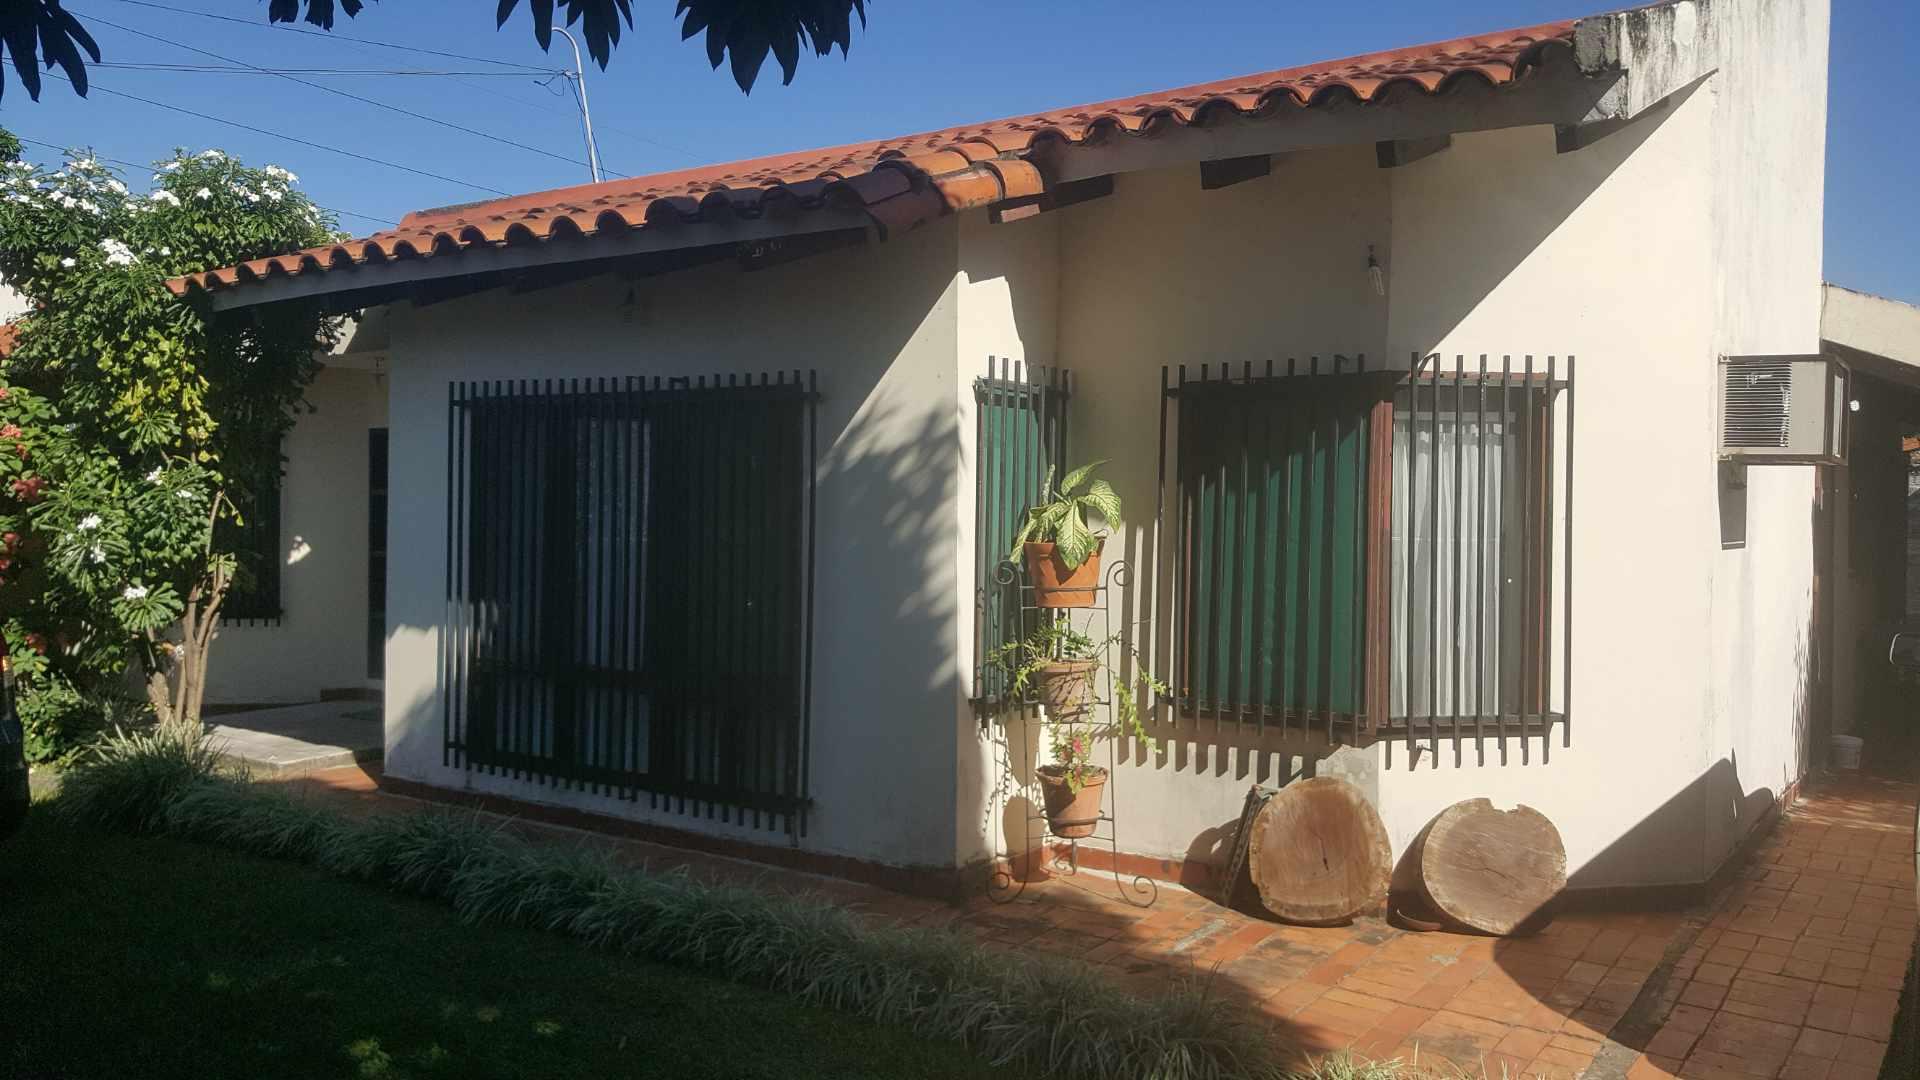 Casa en Venta BARRIO POLANCO, RADIAL 10/CALLE JUAN BLANCO. ENTRE 3er y 4to ANILLO Foto 14